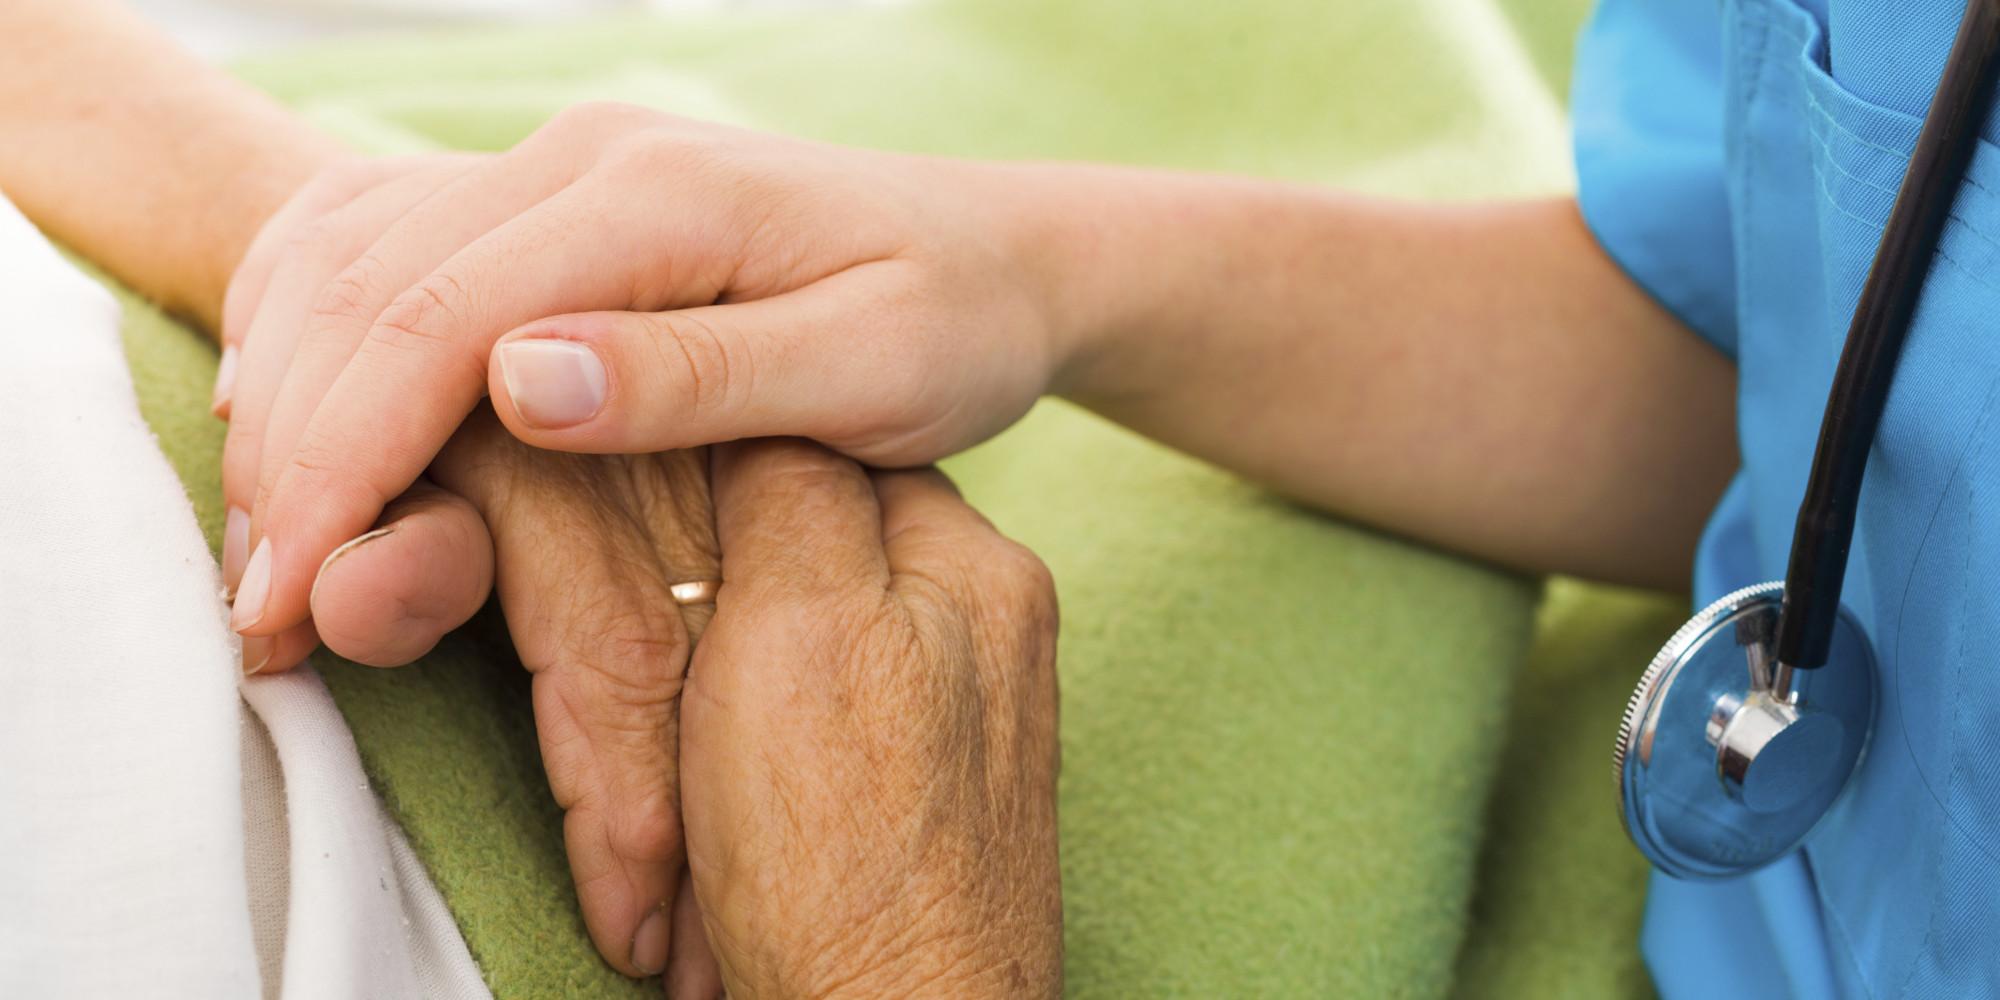 Aseguran desorden del sueño y estreñimiento pueden ser síntomas de Parkinson